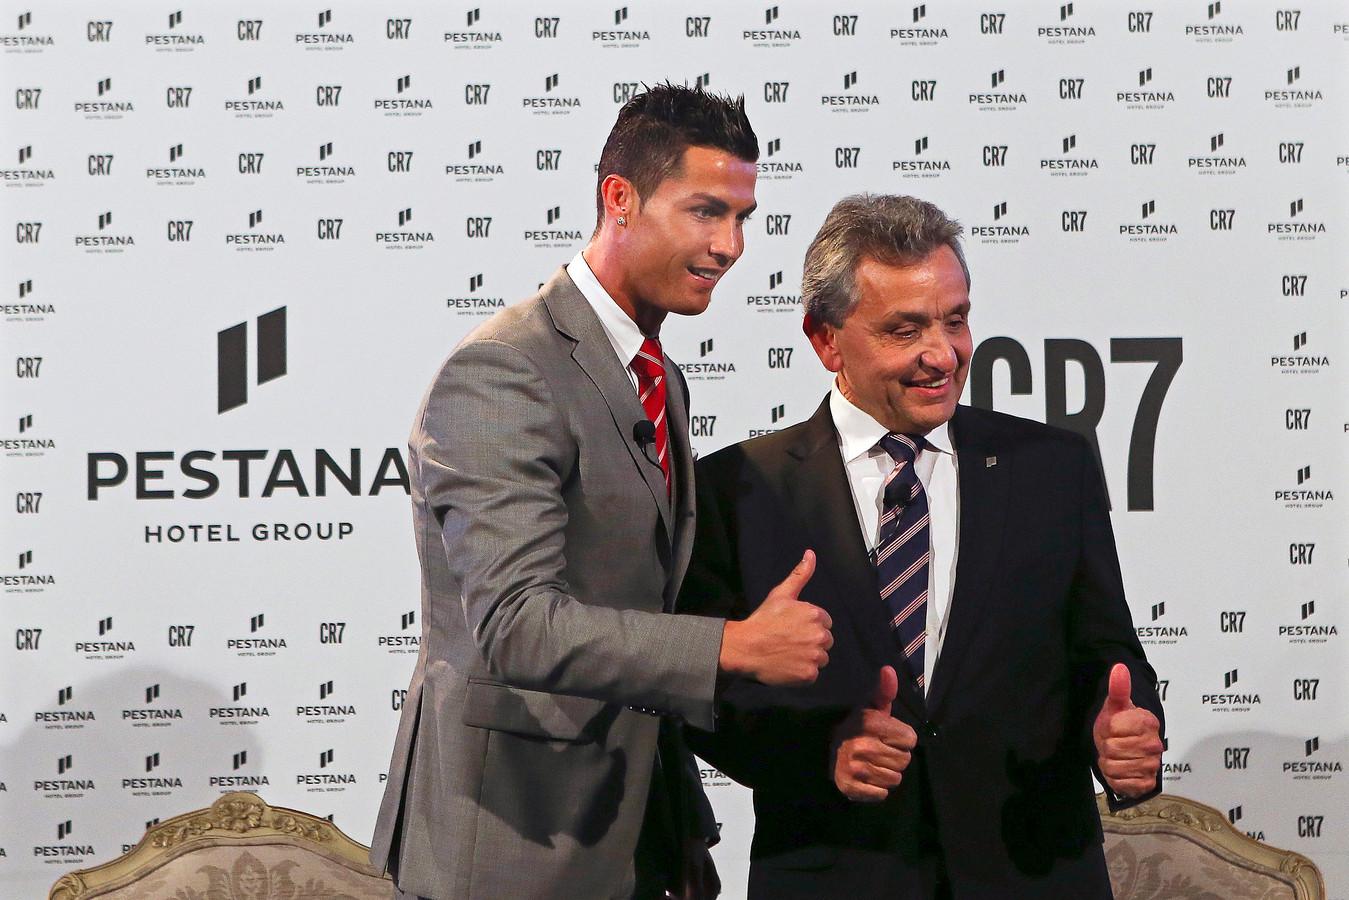 Ronaldo op archiefbeeld.